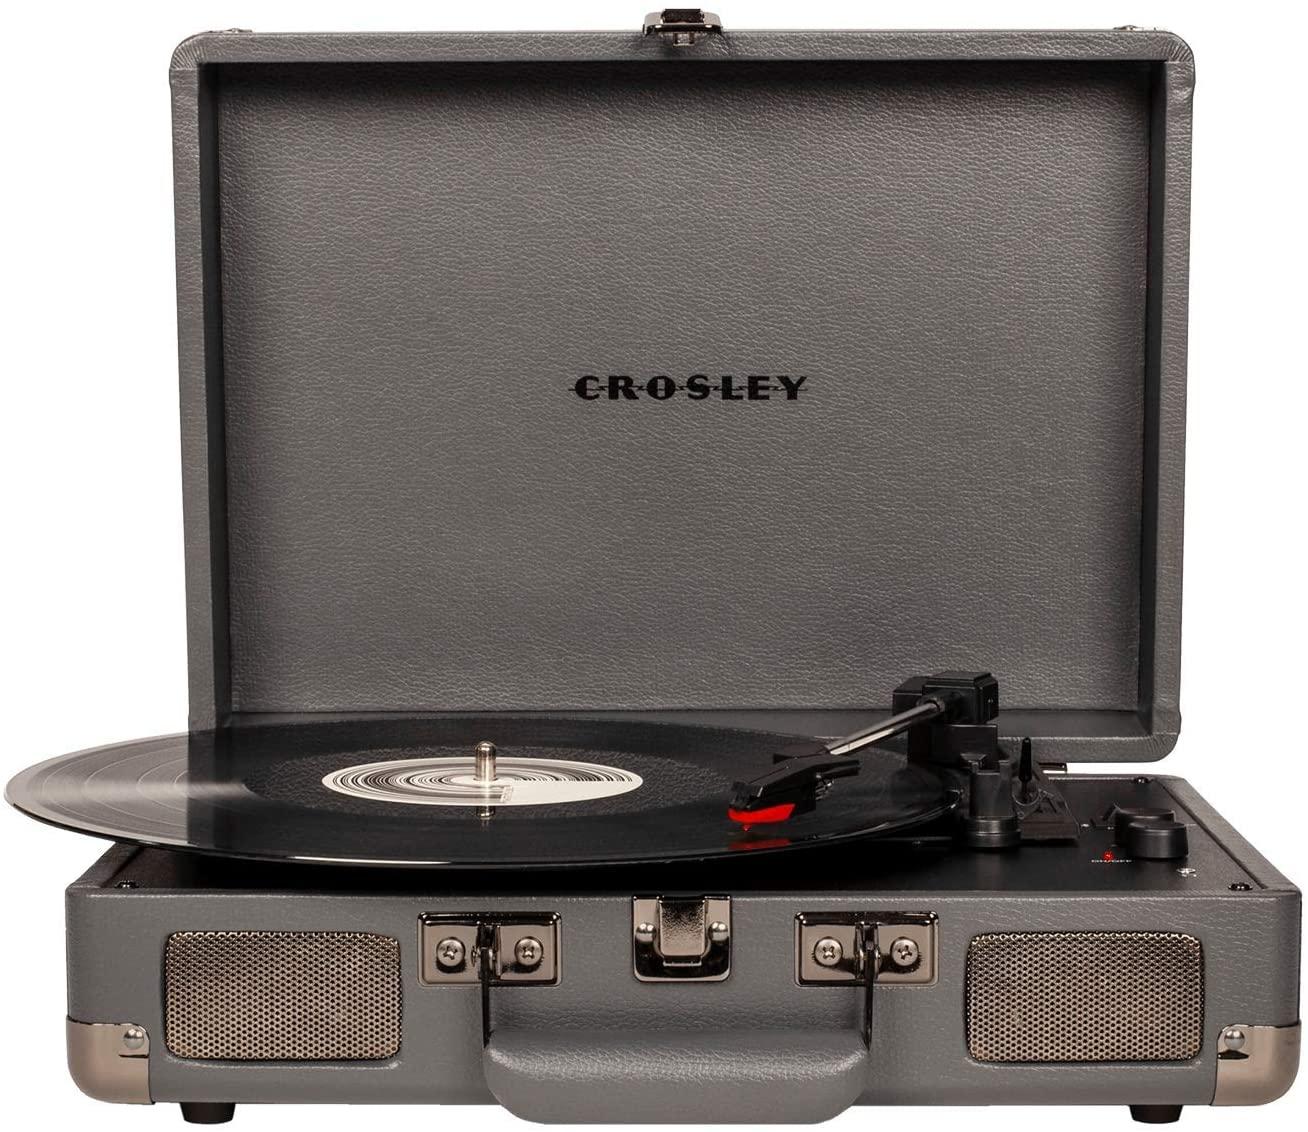 Crosley Cruiser Deluxe giradischi a valigetta color ardesia con bluetooth IN